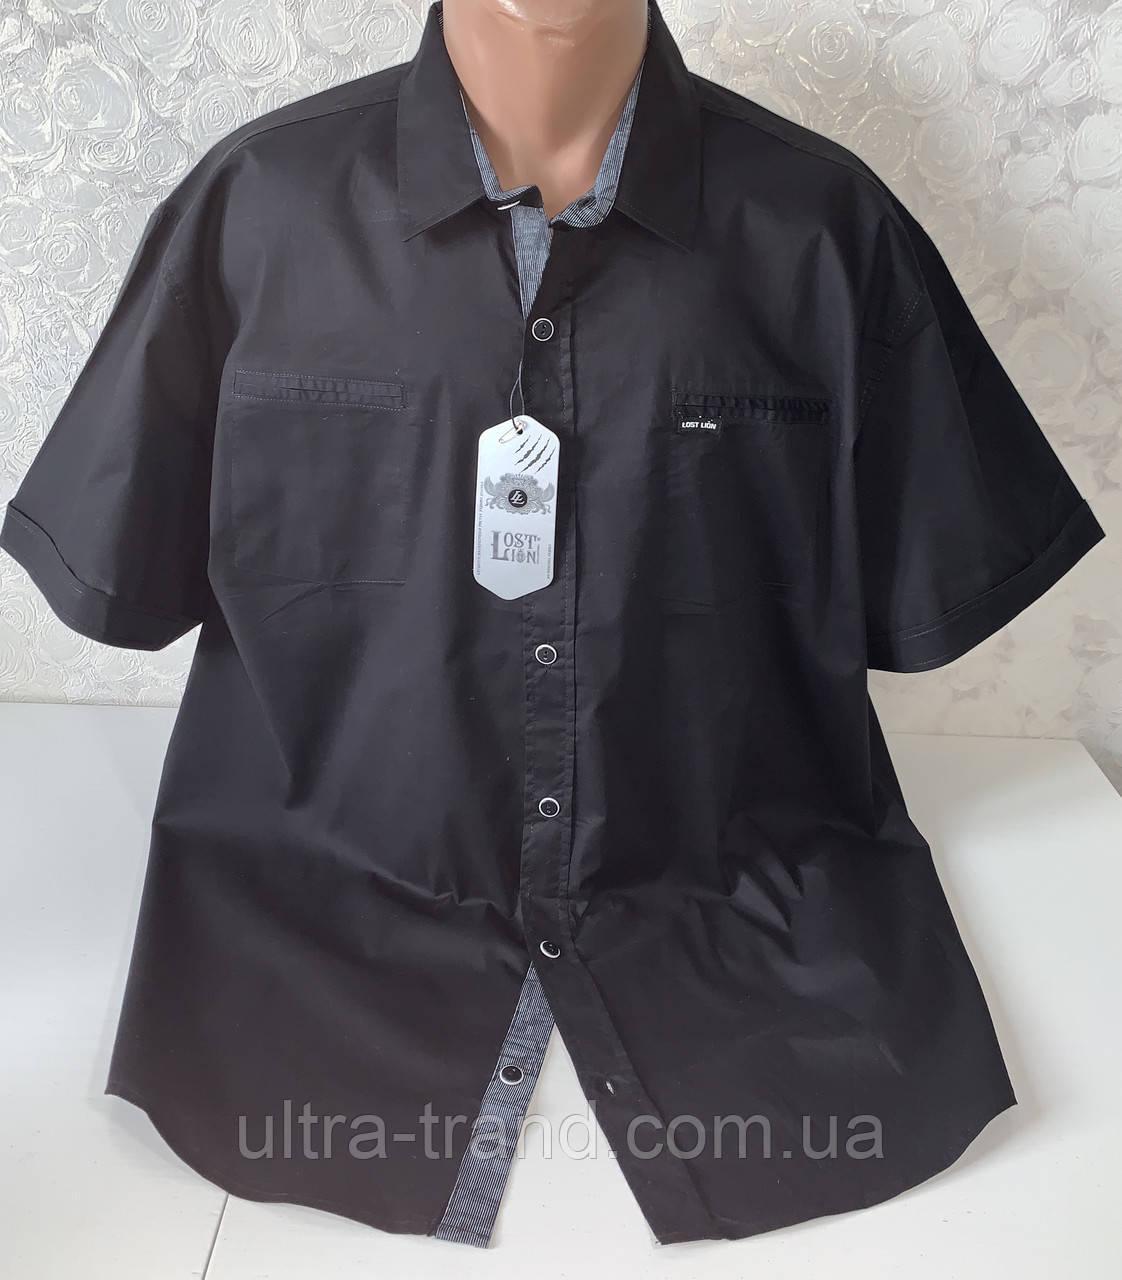 Мужские турецкие рубашки из хлопка чёрного цвета